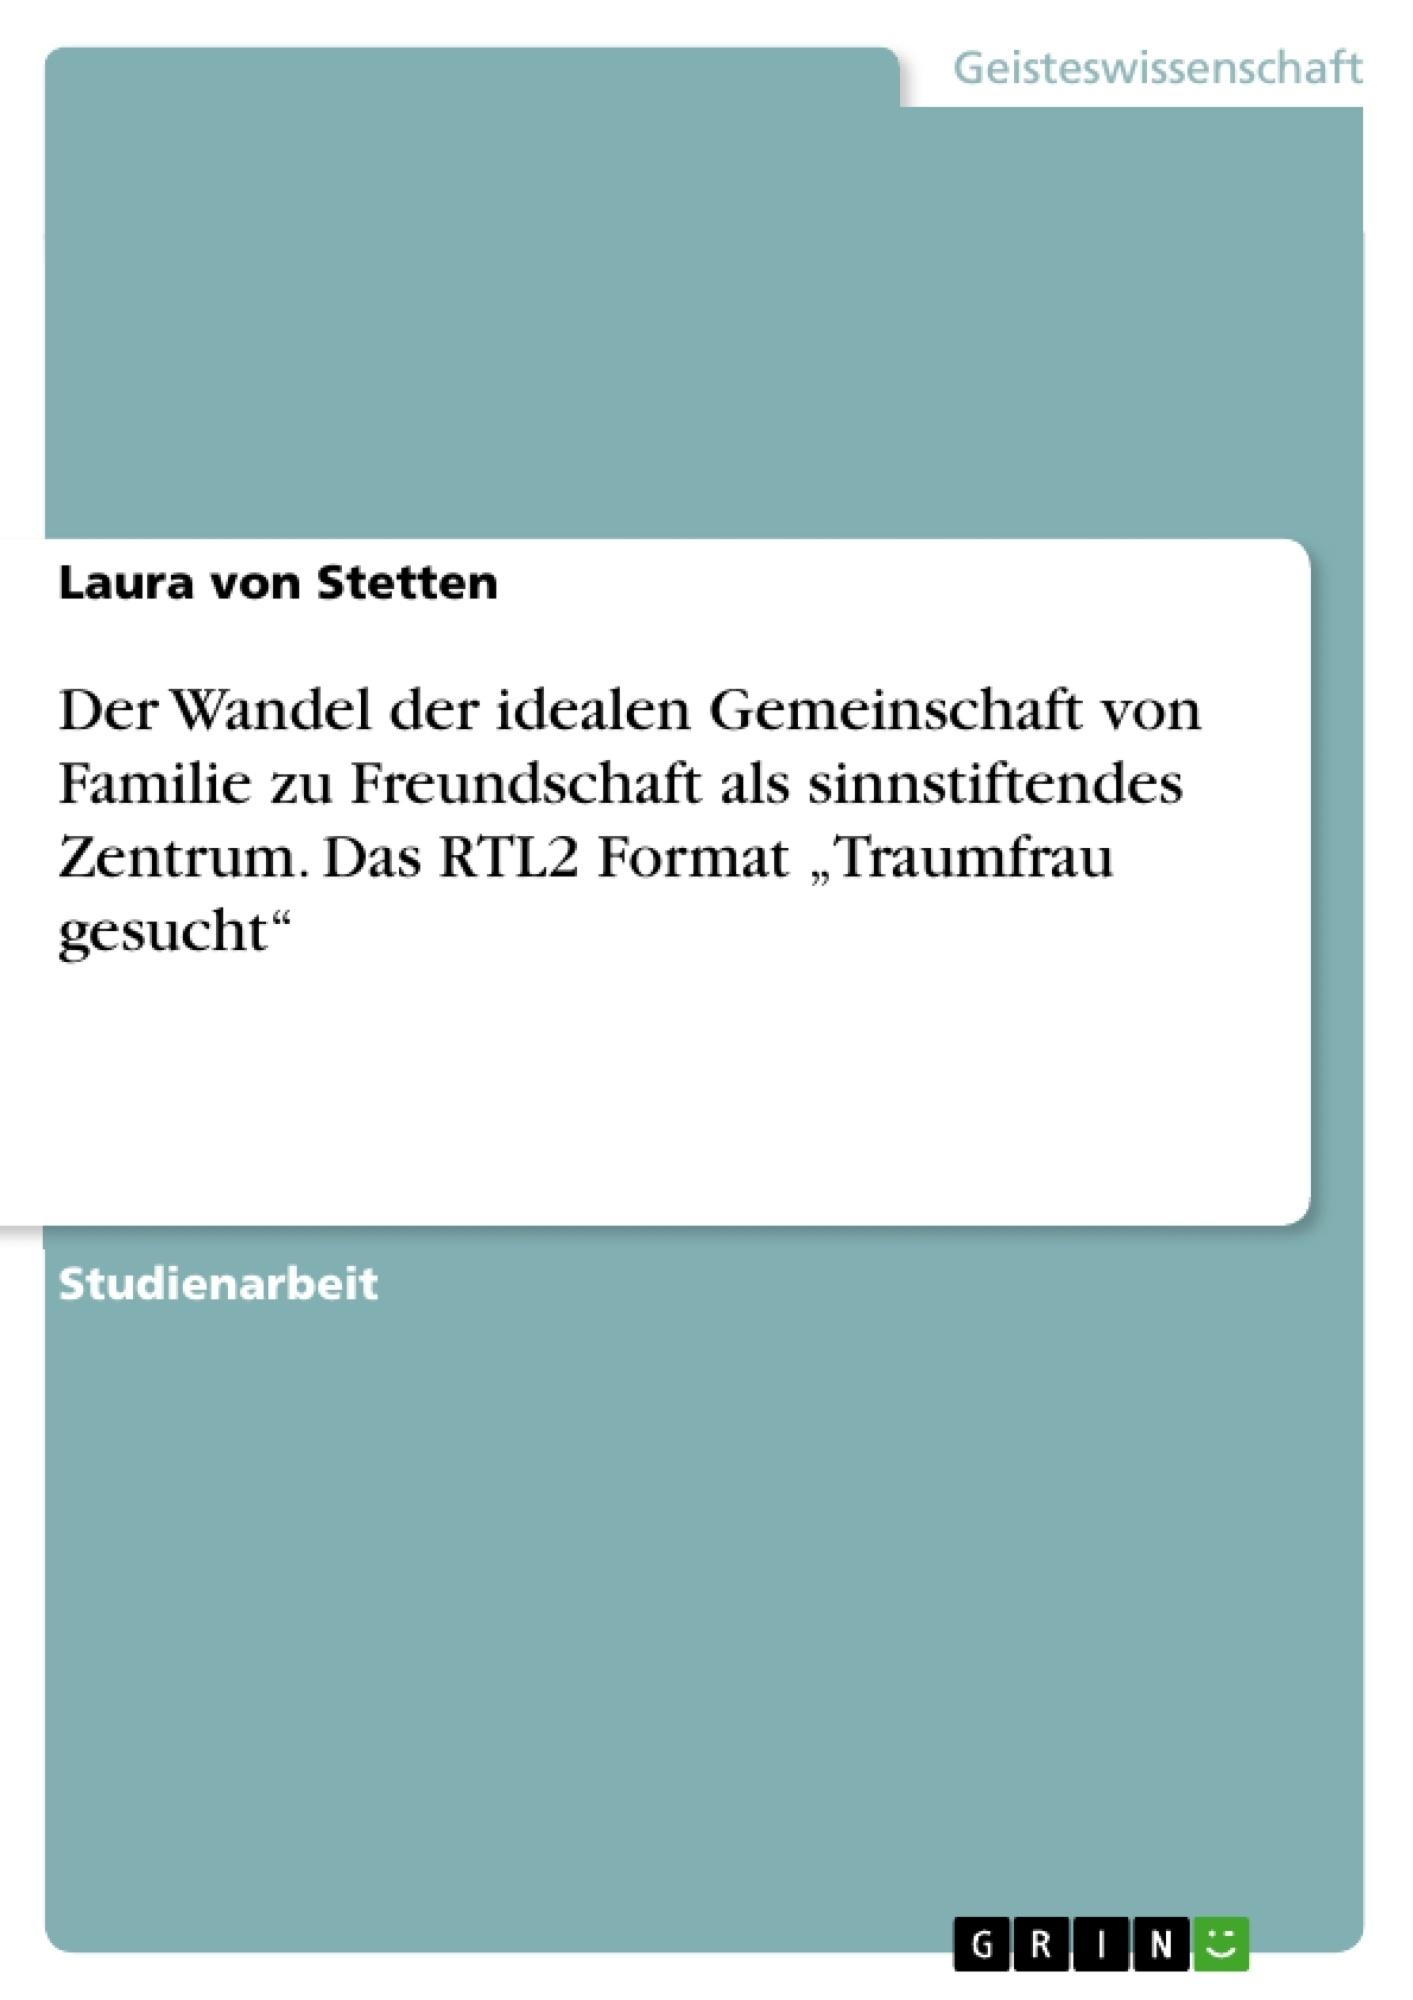 """Titel: Der Wandel der idealen Gemeinschaft von Familie zu Freundschaft als sinnstiftendes Zentrum. Das RTL2 Format """"Traumfrau gesucht"""""""